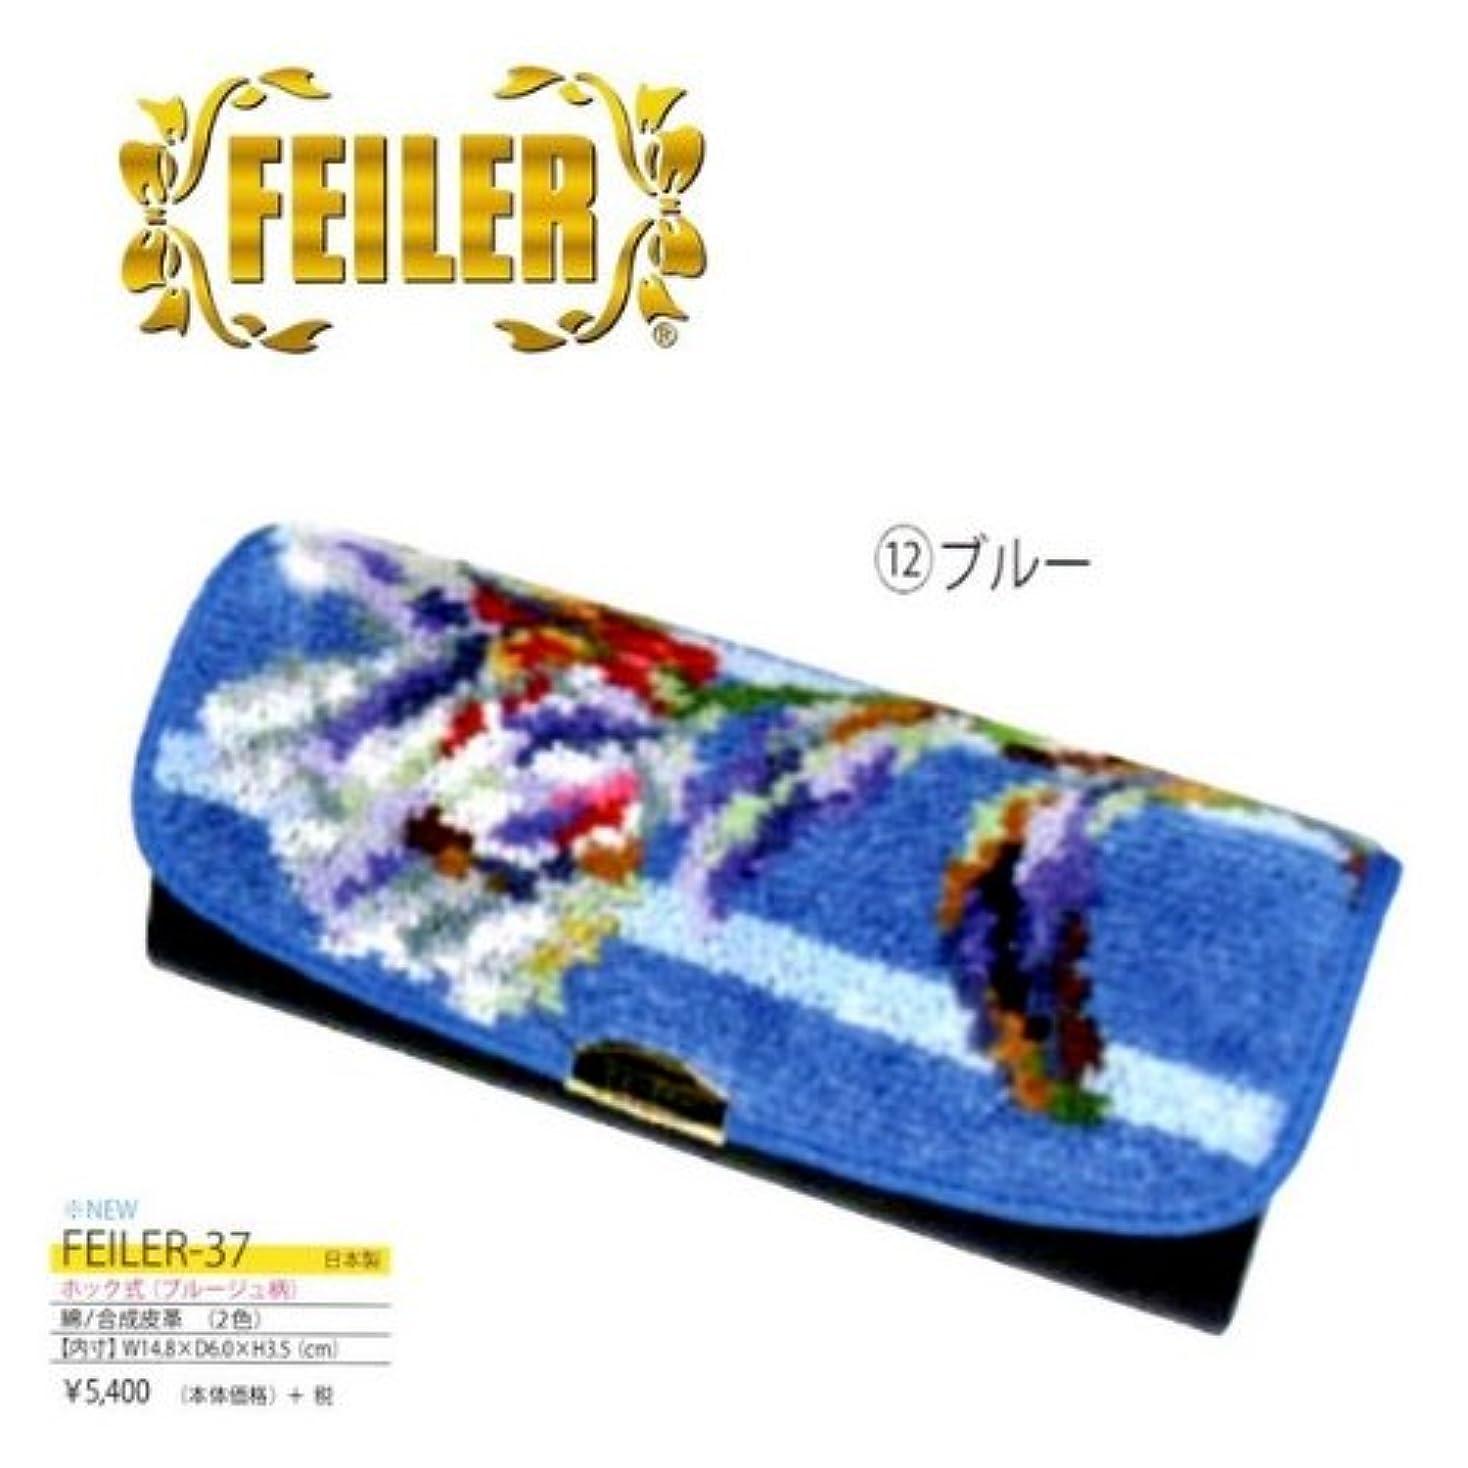 ドラフト浸食座標【FEILER】フェイラー メガネケース FEILER-37 ブルージュ柄 ブルー